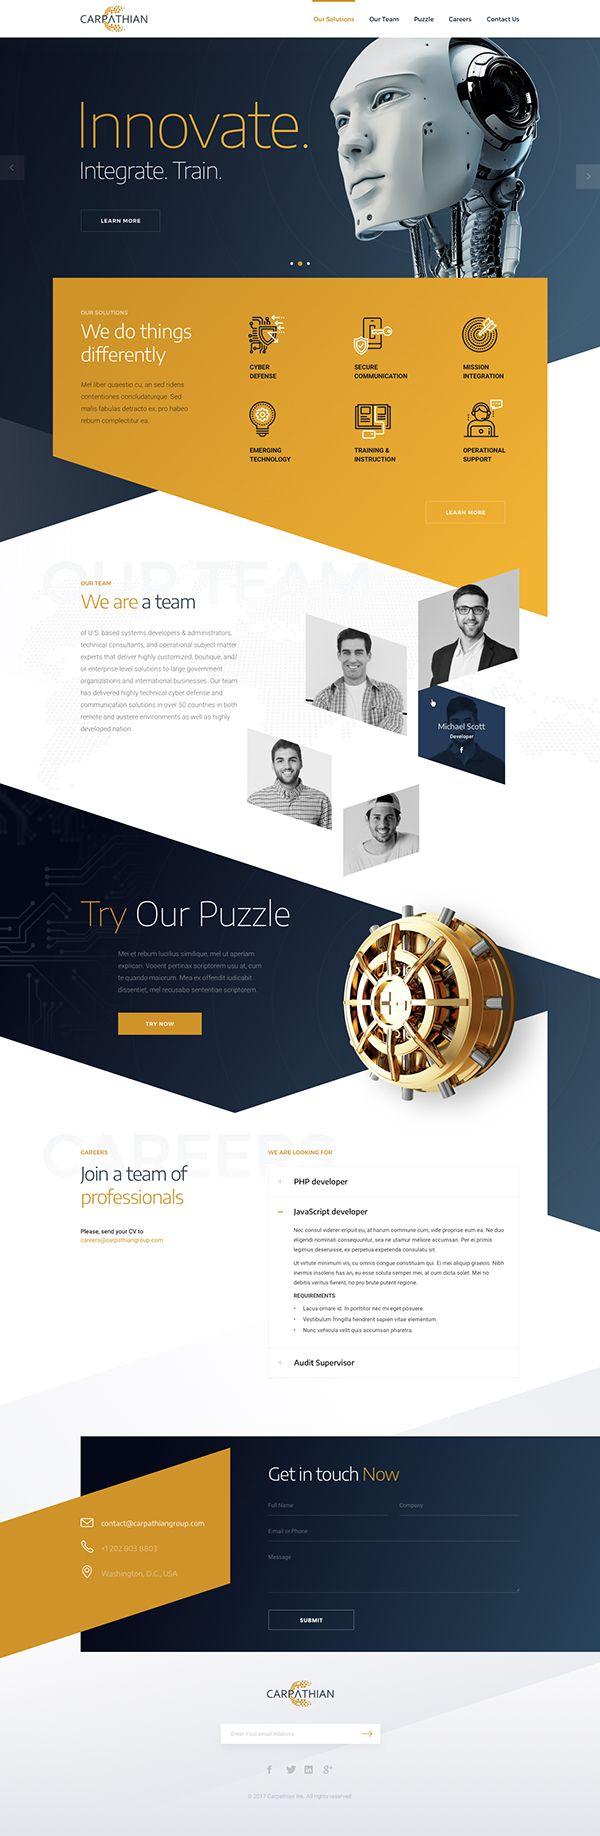 Carpathian Landing Page Design Webpage Design Wordpress Website Design Web Design Trends